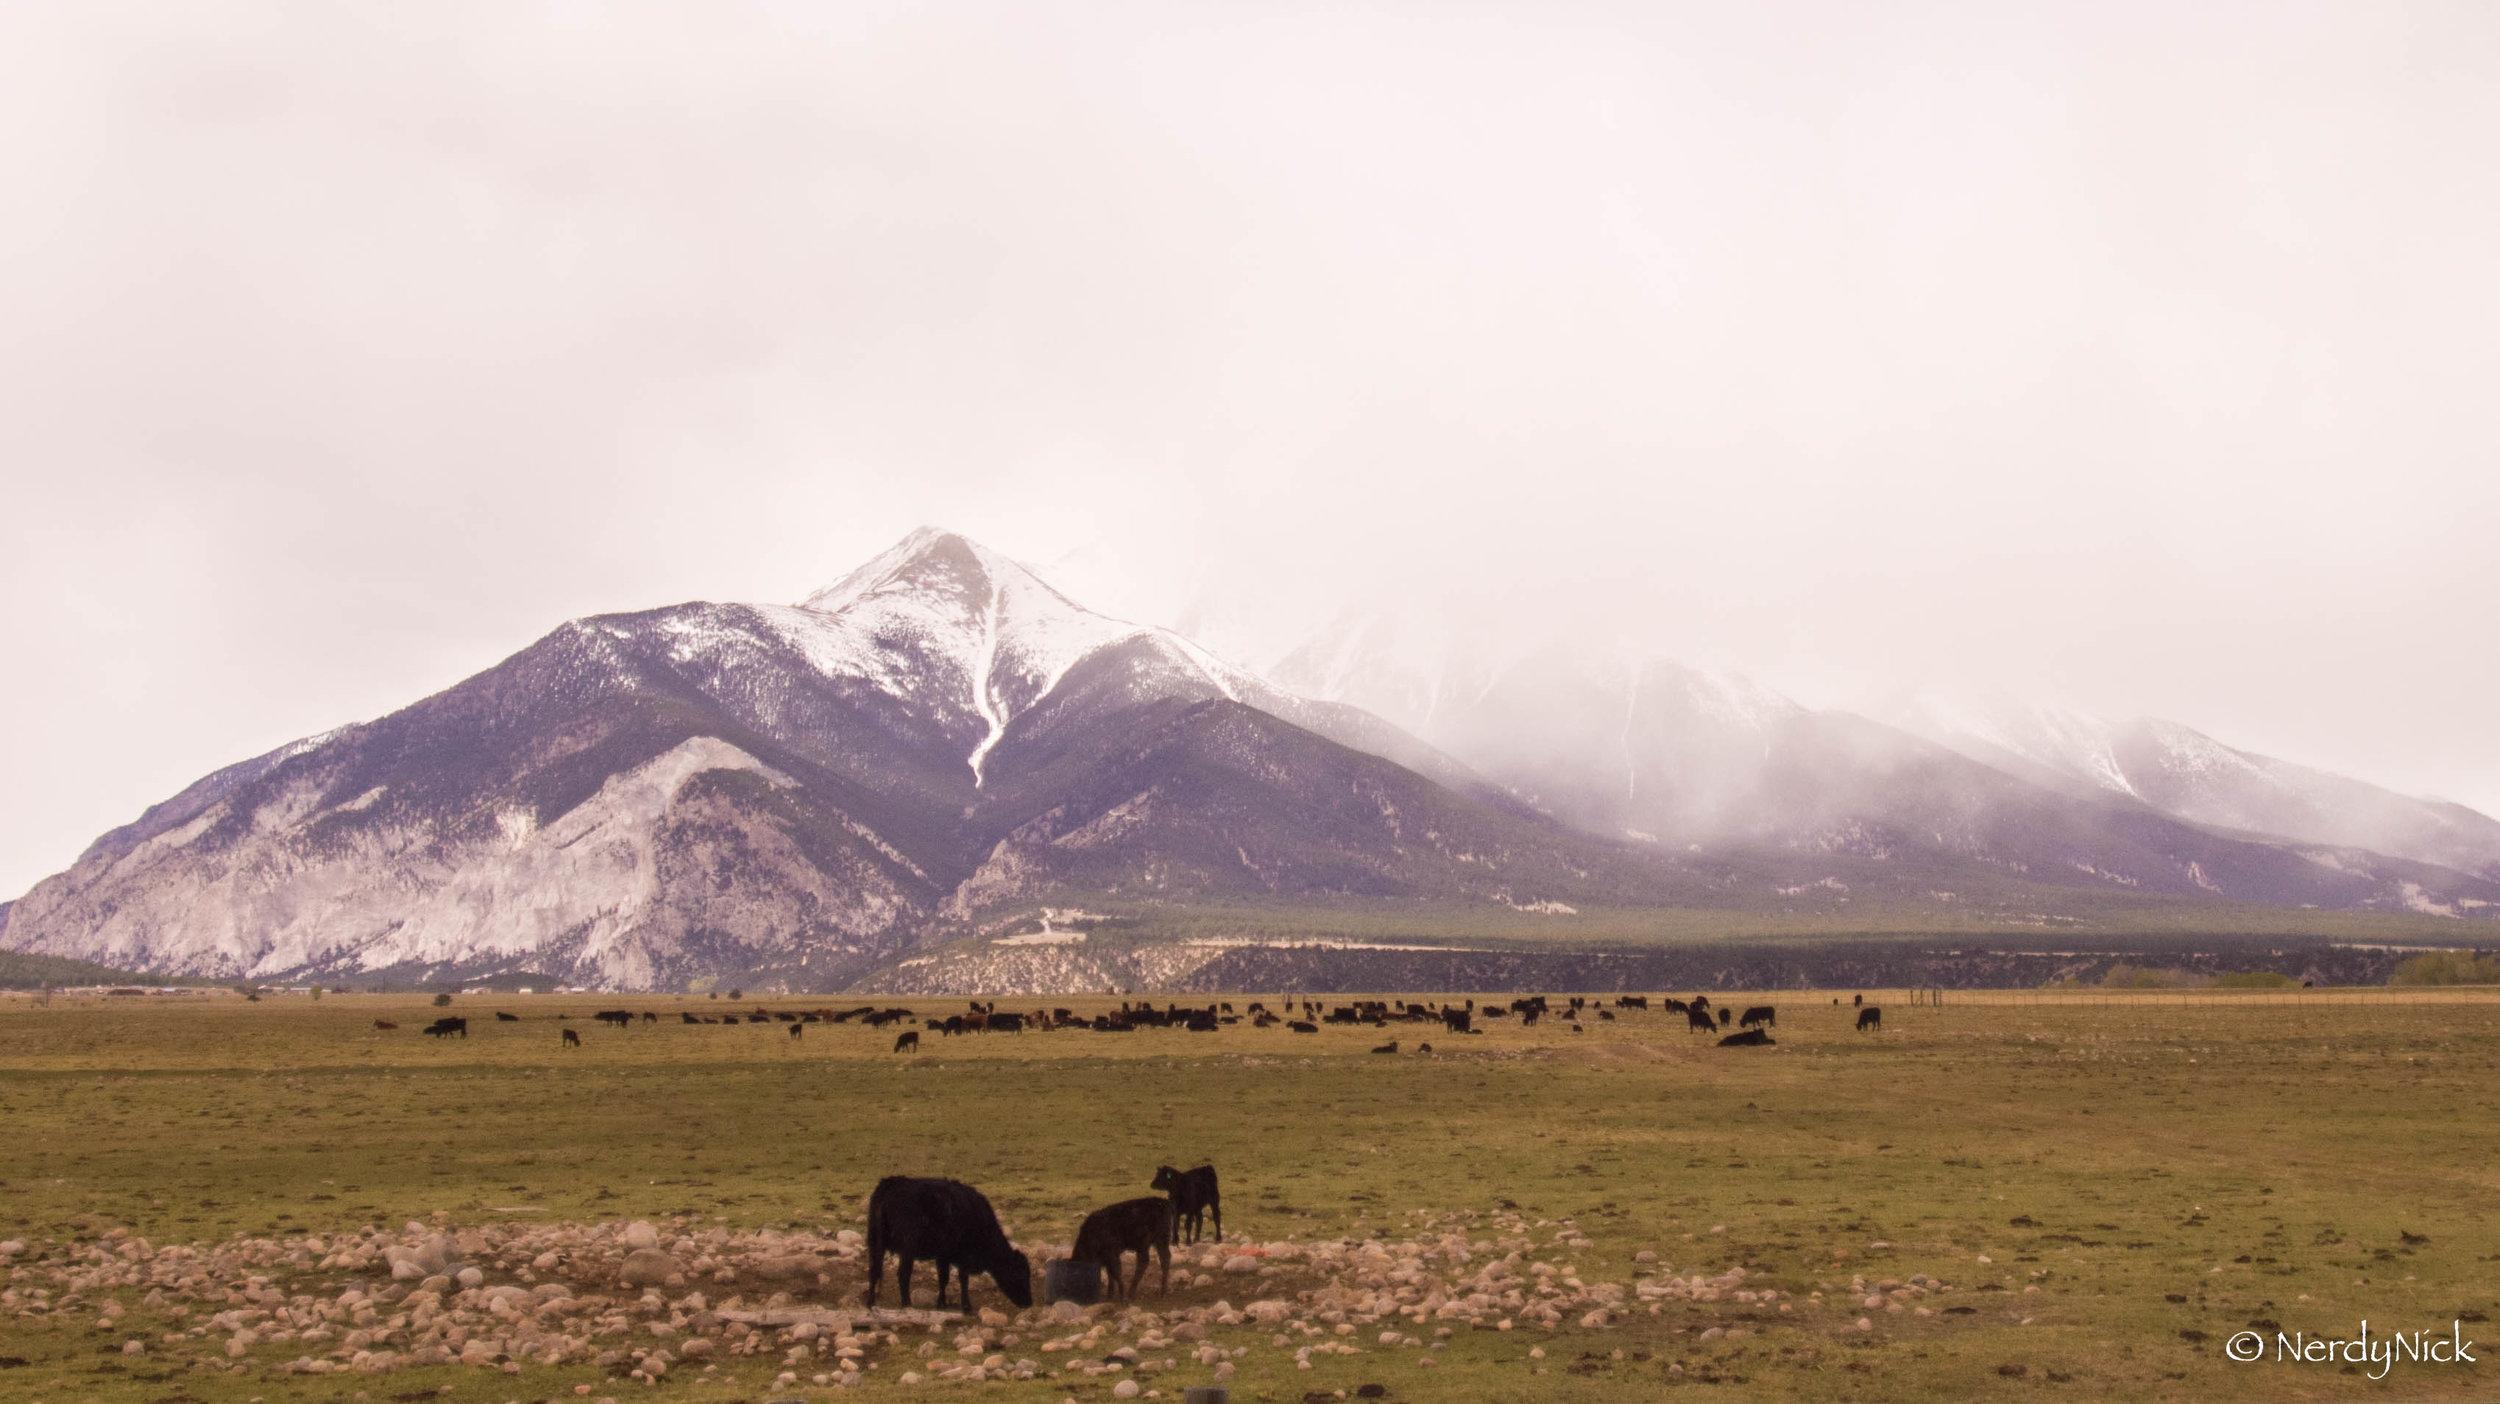 Snow capped mountains of Buena Vista Colorado